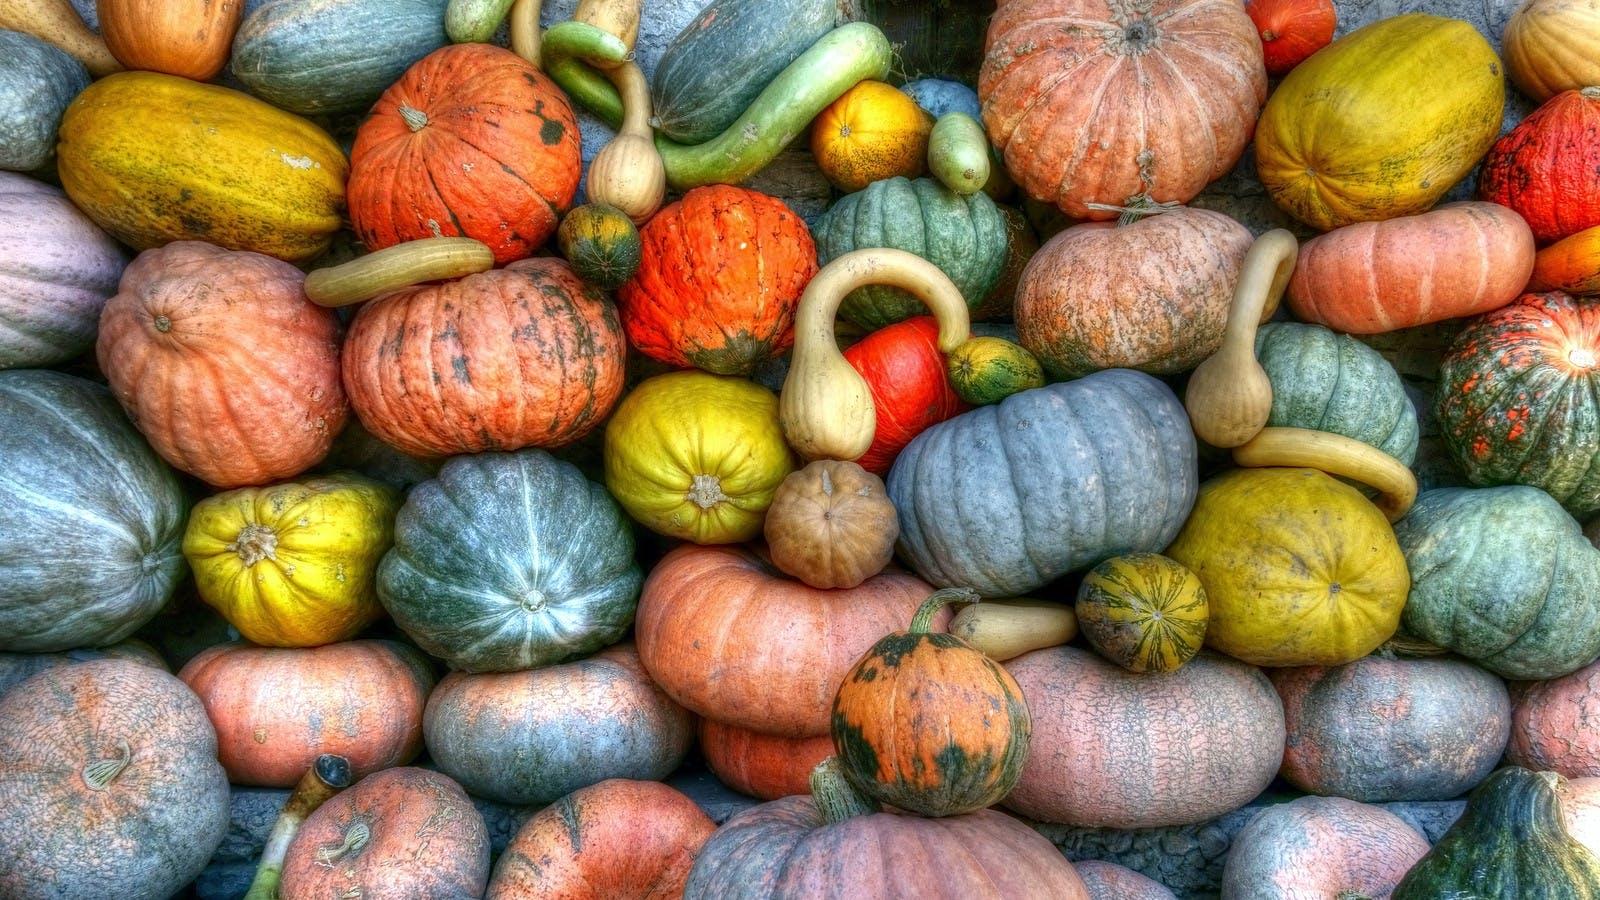 Gratis lagerfoto af afgrøde, frugt, græskar, grøntsager